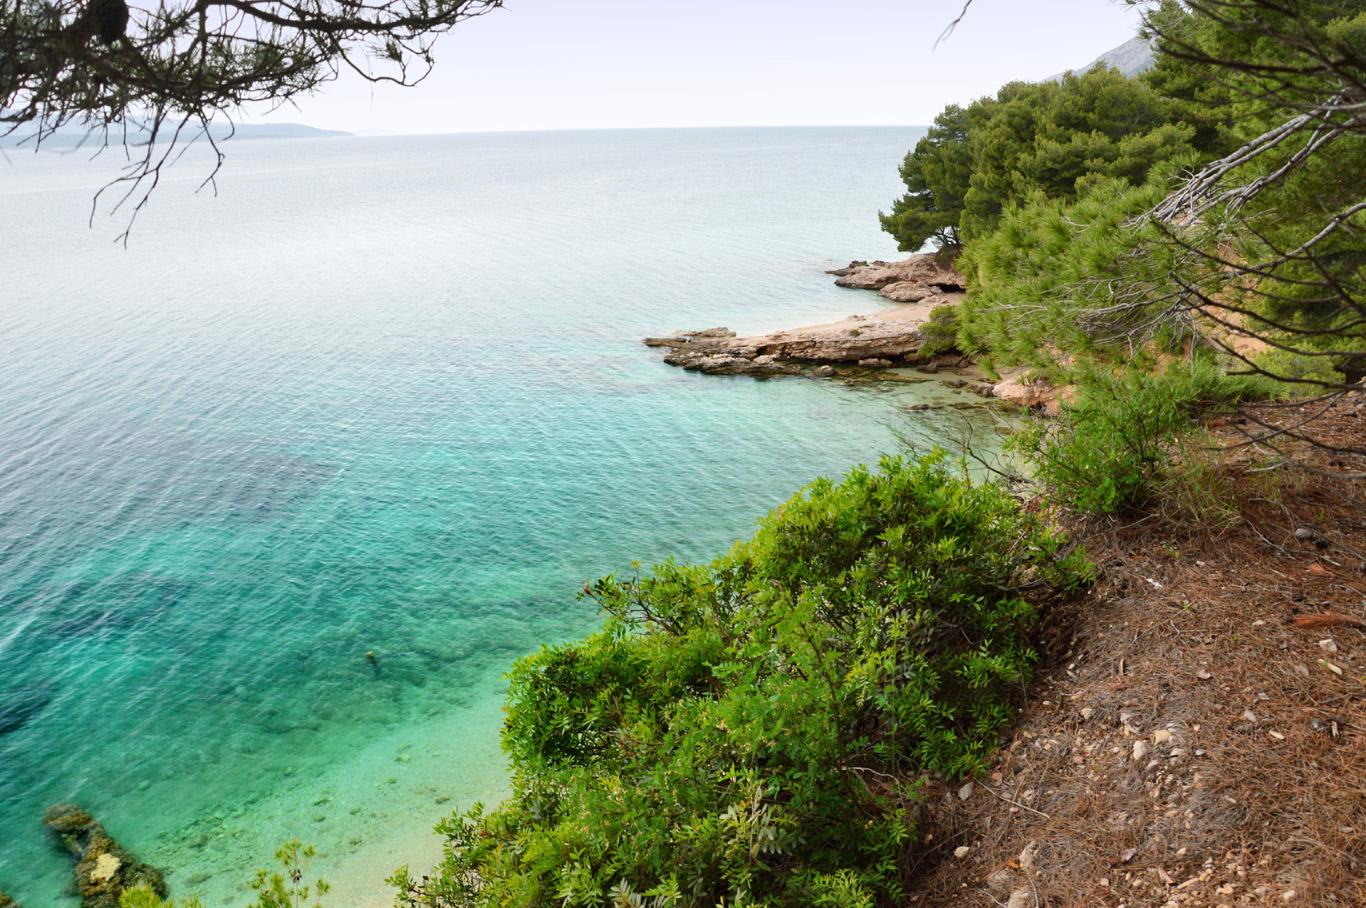 The sea at Zlatni Rat